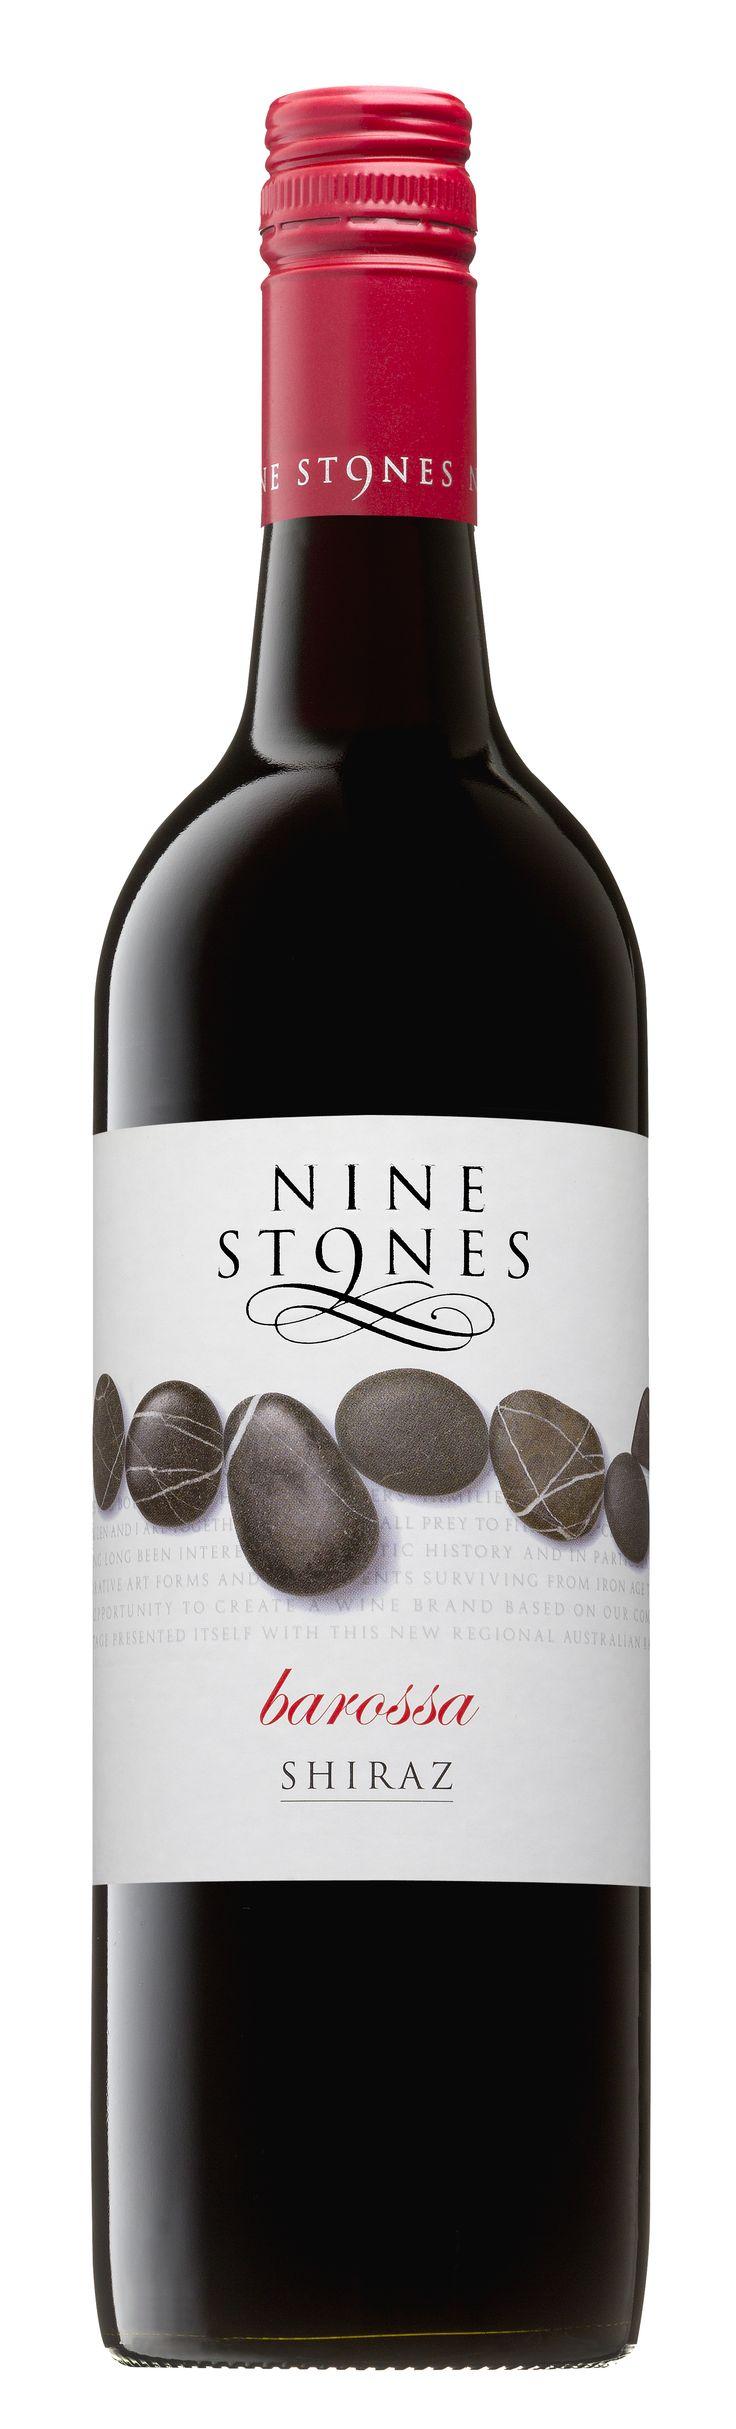 #NineStones Barossa Shiraz - #Calabria Family Wines - Australia